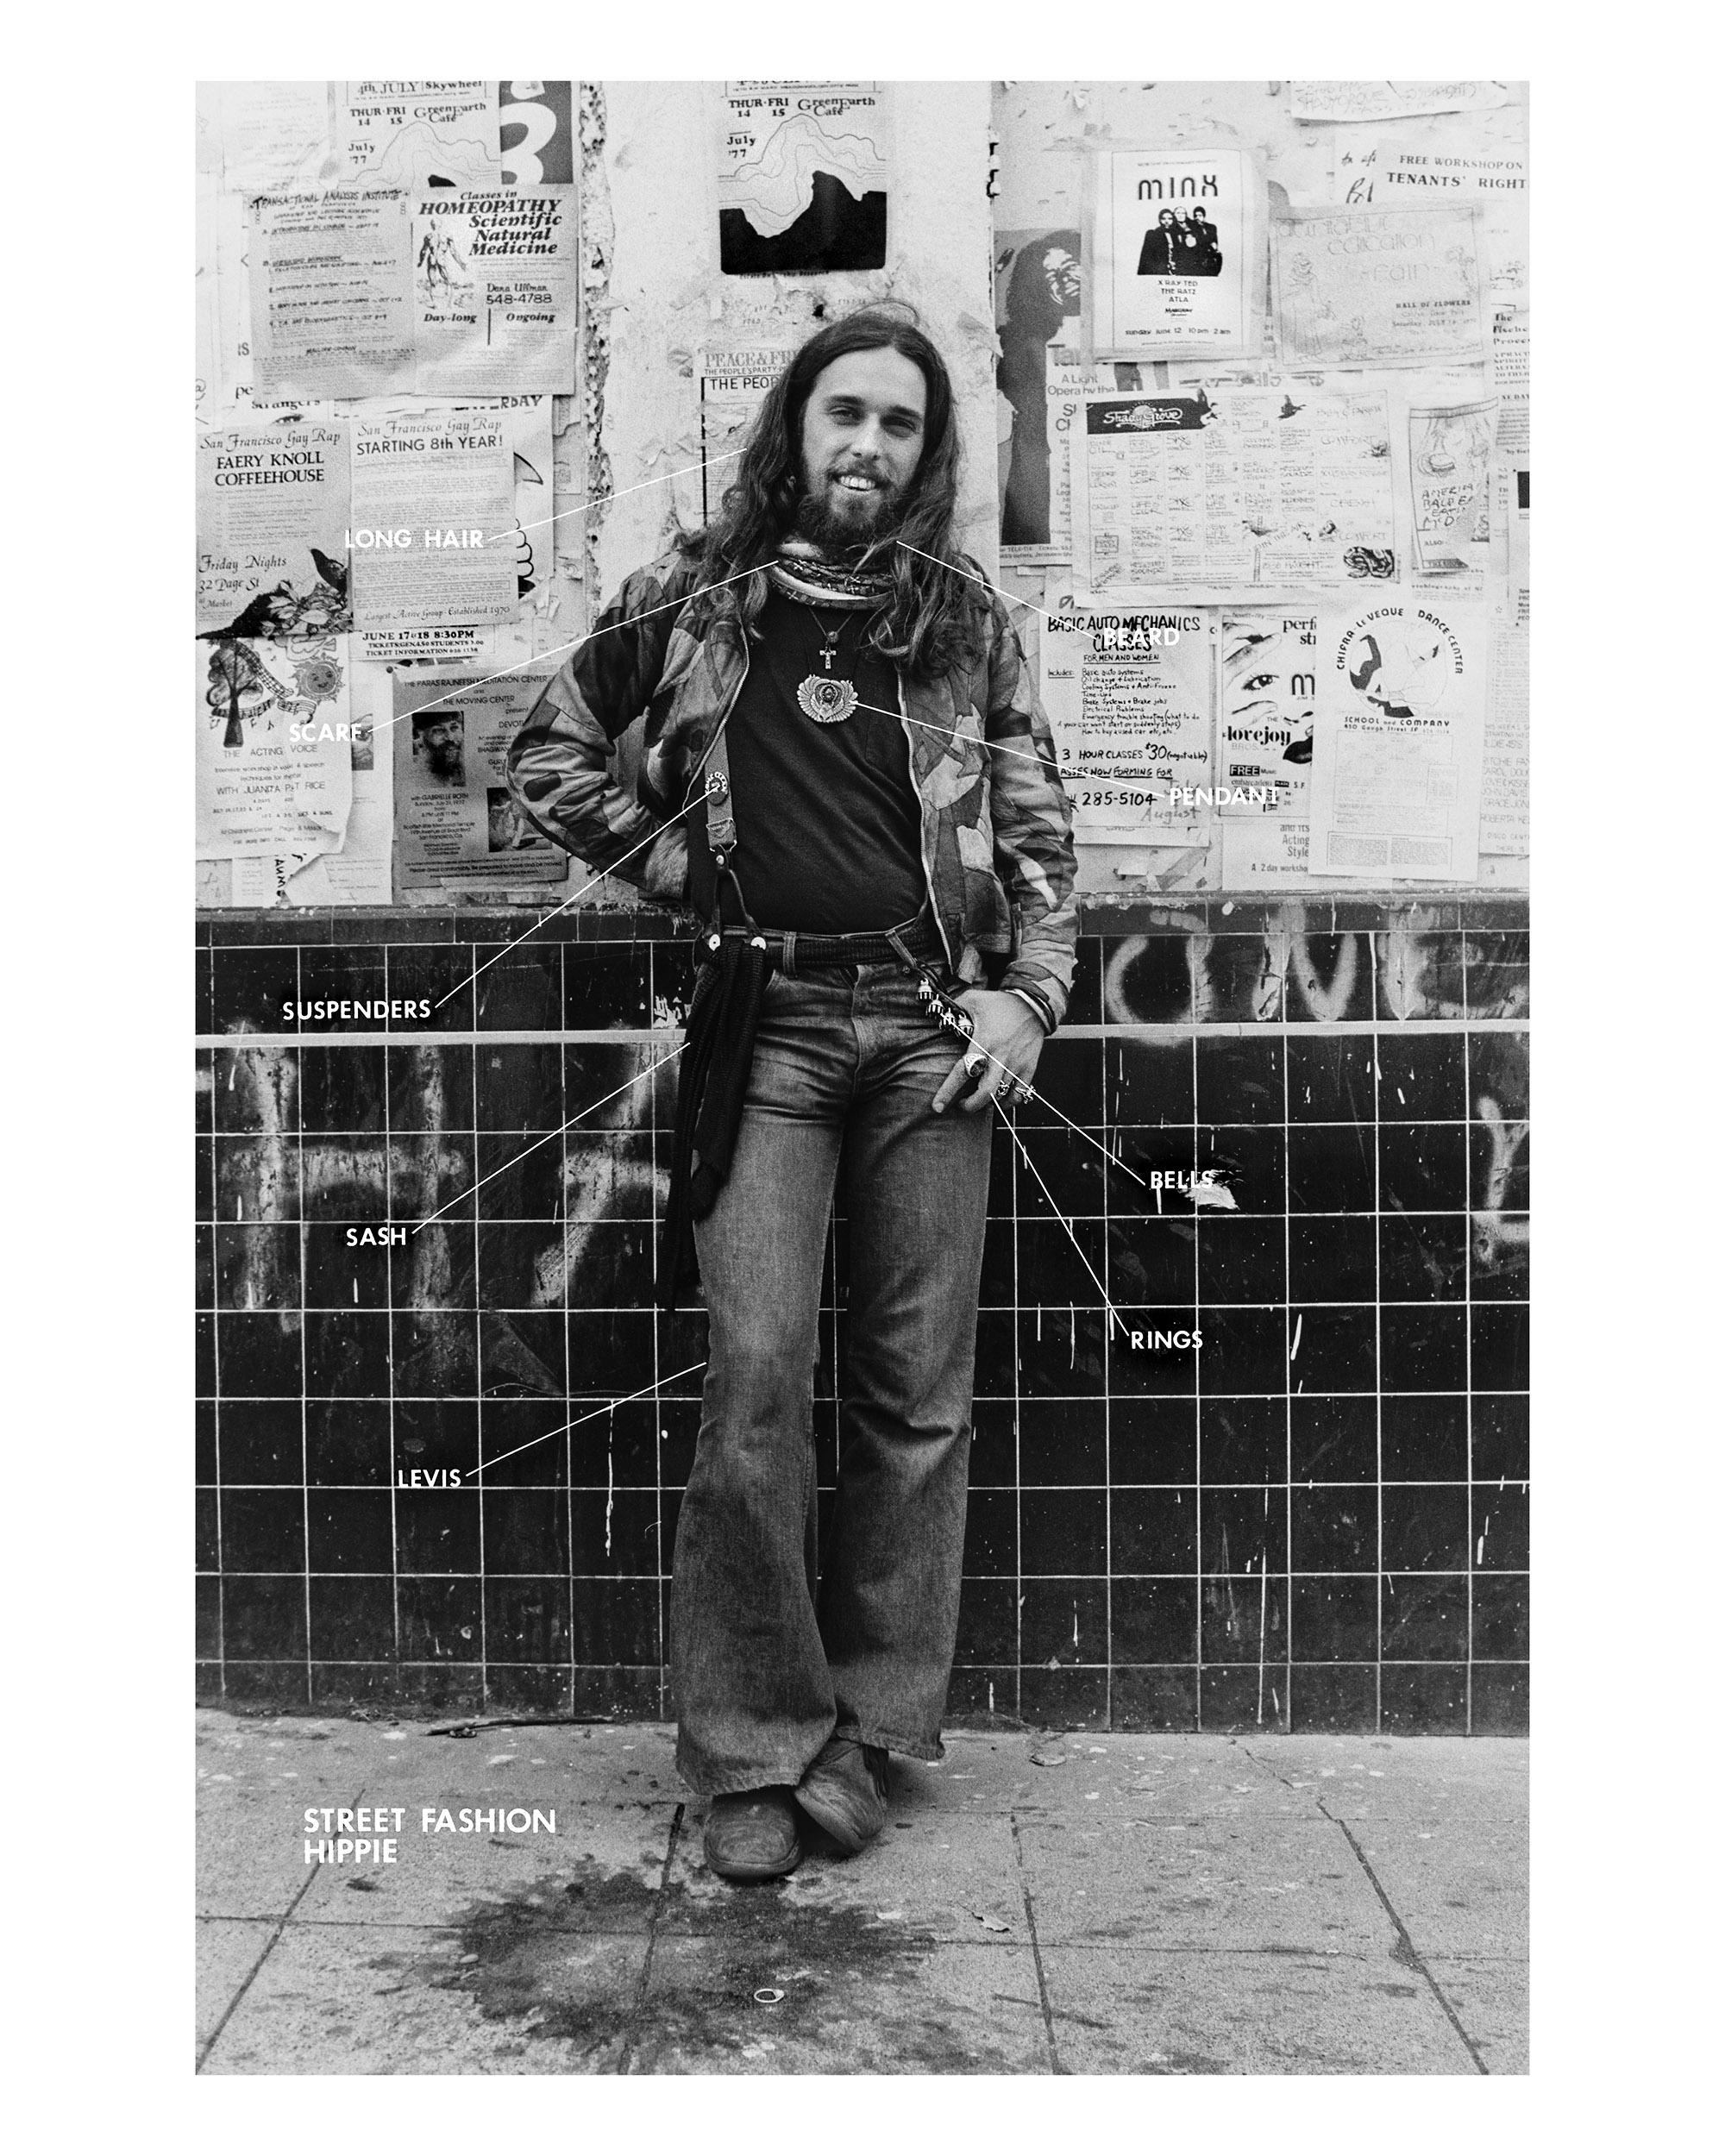 Street Fashion: Hippie